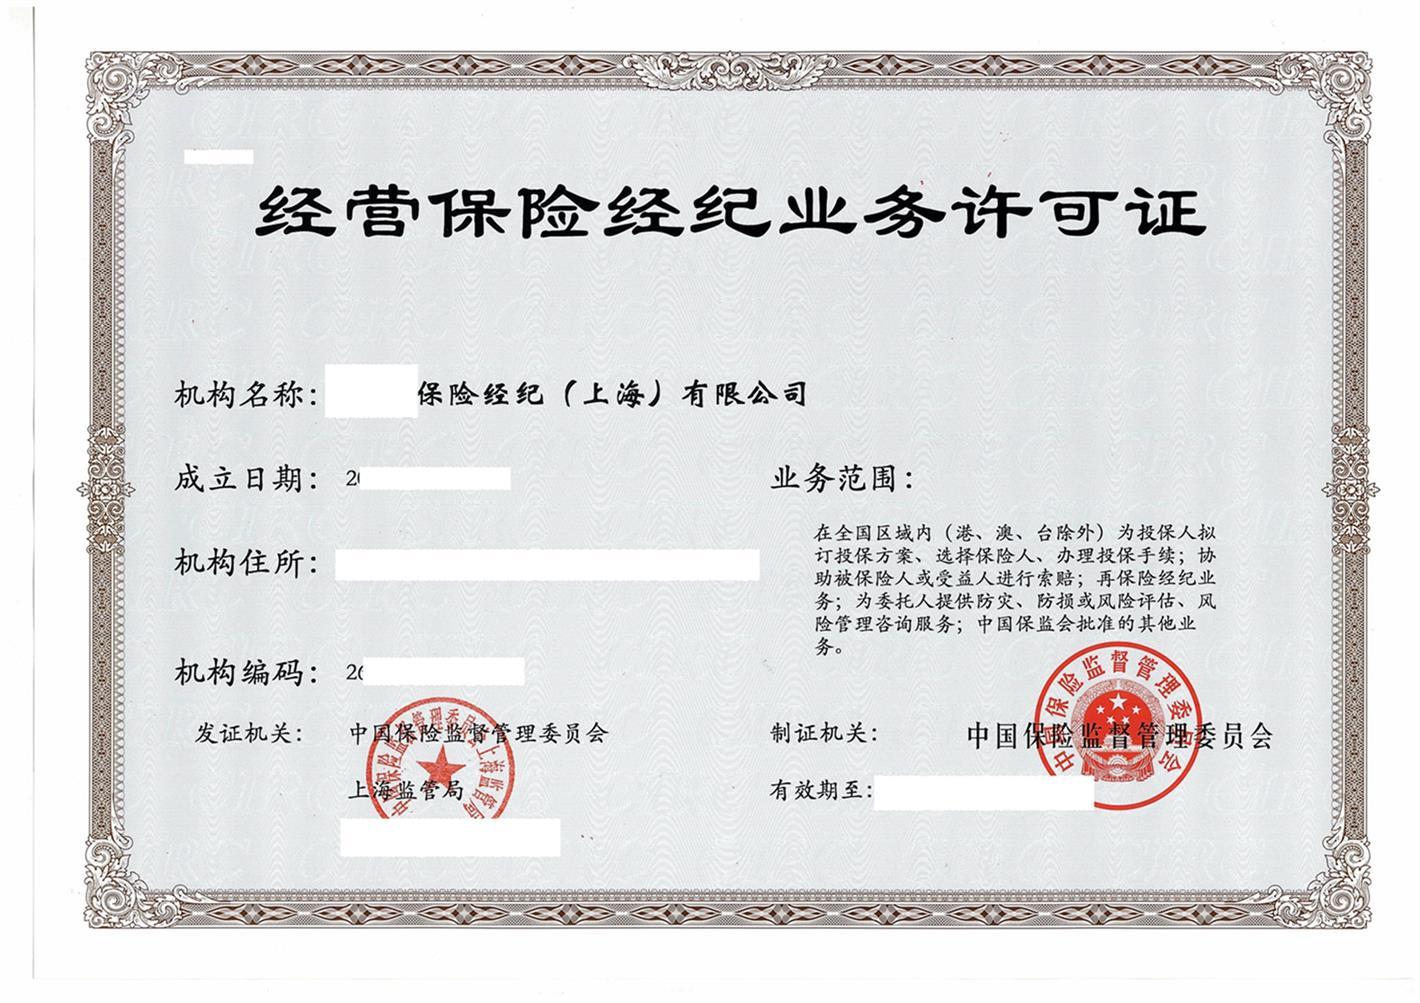 天津代理转让保险经纪带许可条件